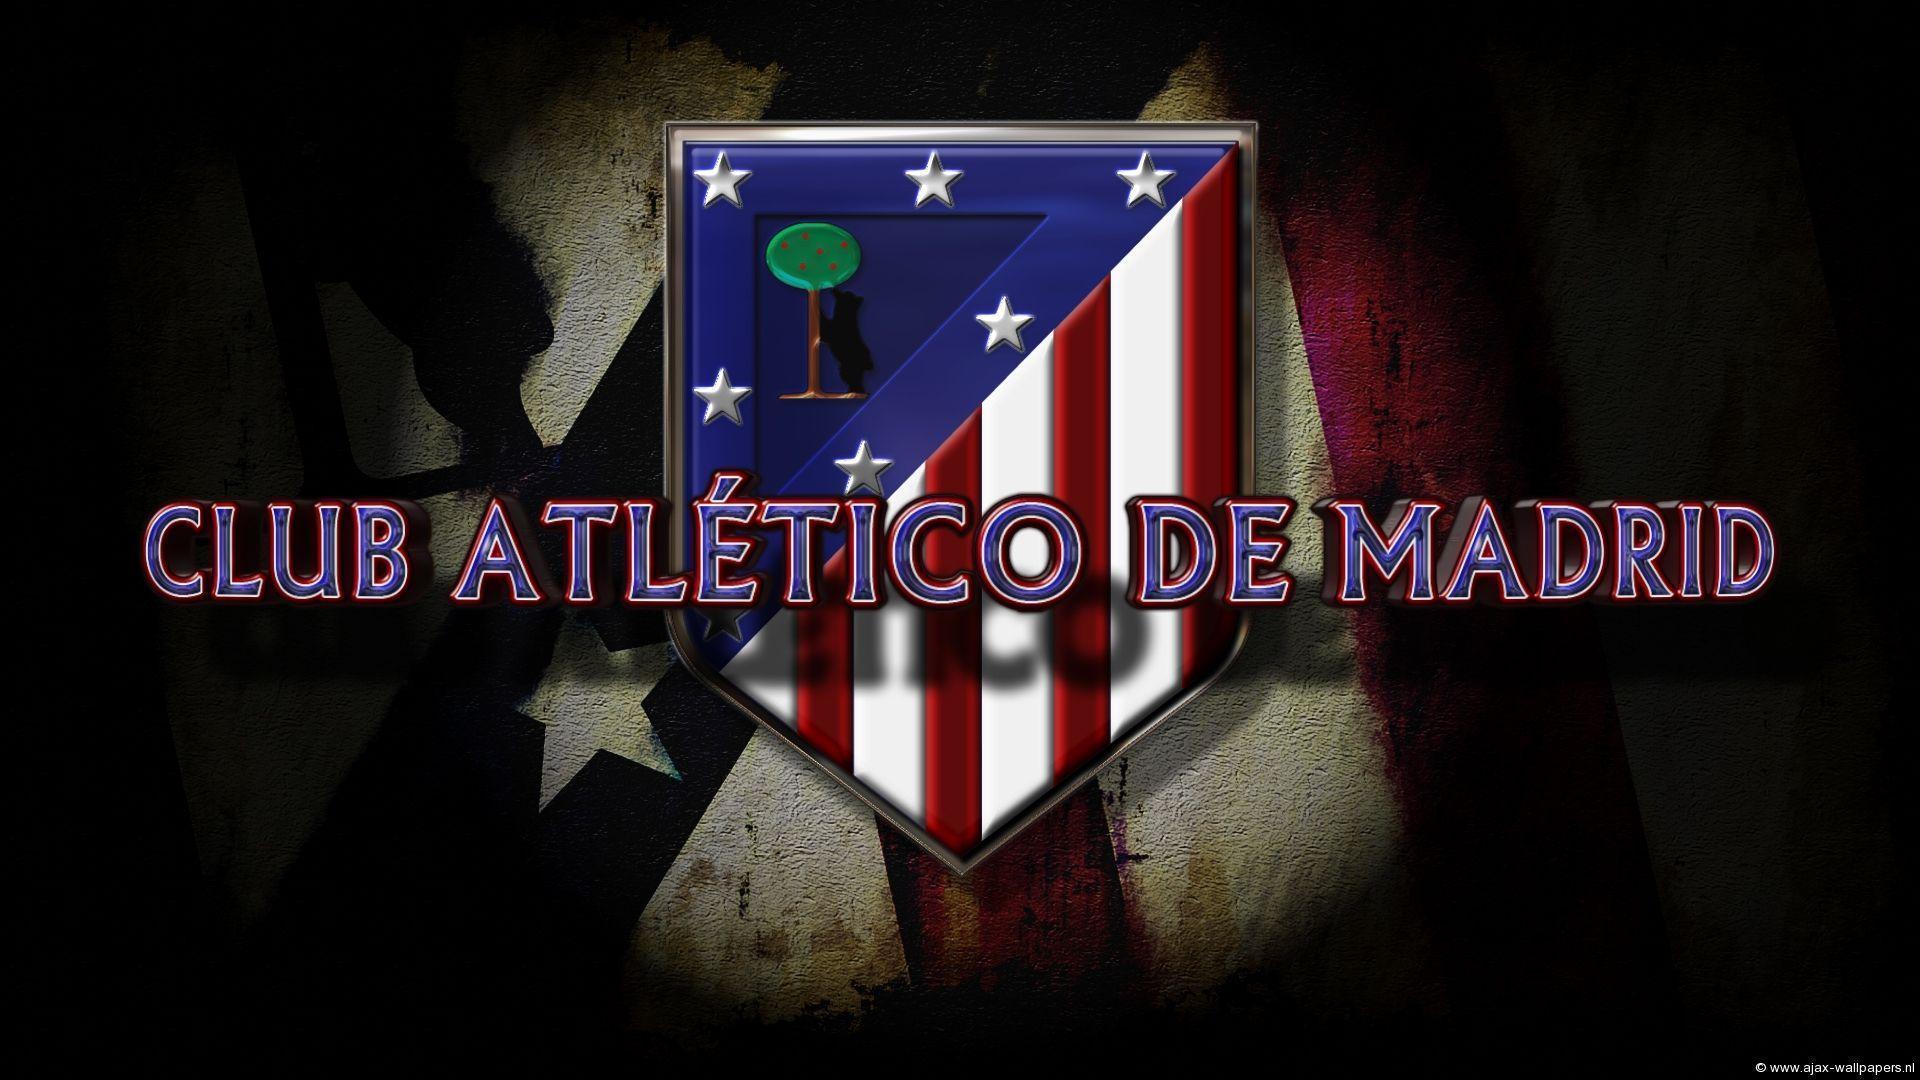 Fonds d'écran Atletico Madrid : tous les wallpapers Atletico Madrid